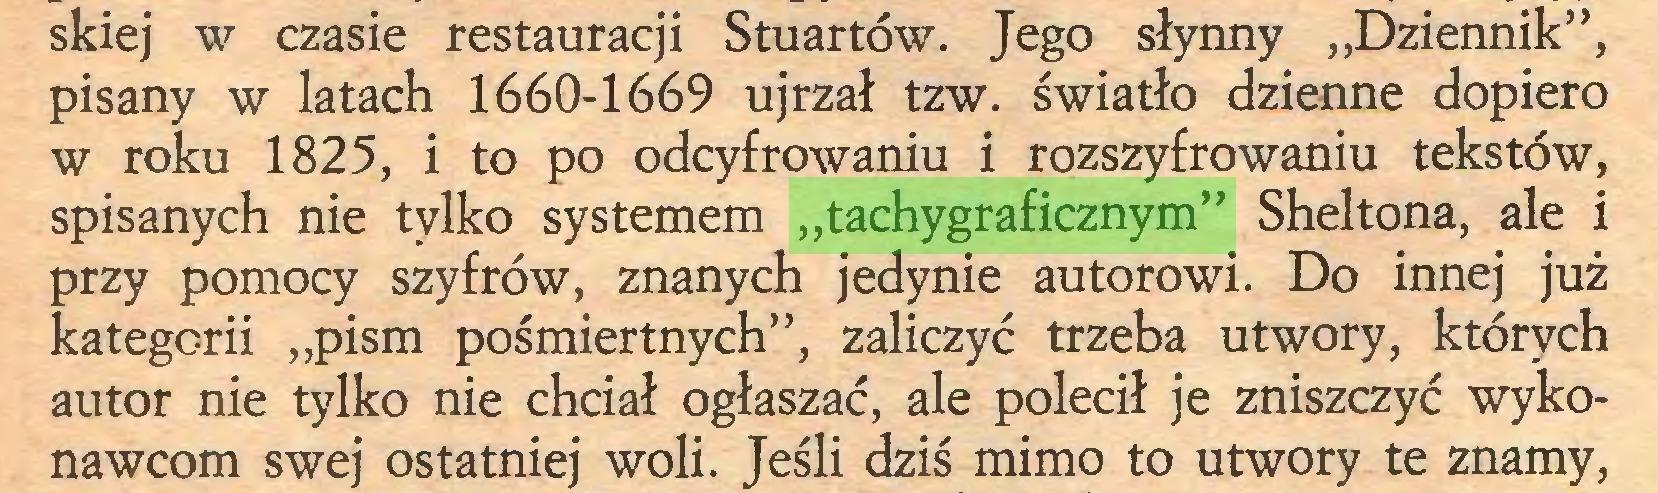 """(...) skiej w czasie restauracji Stuartów. Jego słynny """"Dziennik"""", pisany w latach 1660-1669 ujrzał tzw. światło dzienne dopiero w roku 1825, i to po odcyfrowaniu i rozszyfrowaniu tekstów, spisanych nie tylko systemem """"tachygraficznym"""" Sheltona, ale i przy pomocy szyfrów, znanych jedynie autorowi. Do innej już kategorii """"pism pośmiertnych"""", zaliczyć trzeba utwory, których autor nie tylko nie chciał ogłaszać, ale polecił je zniszczyć wykonawcom swej ostatniej woli. Jeśli dziś mimo to utwory te znamy,..."""